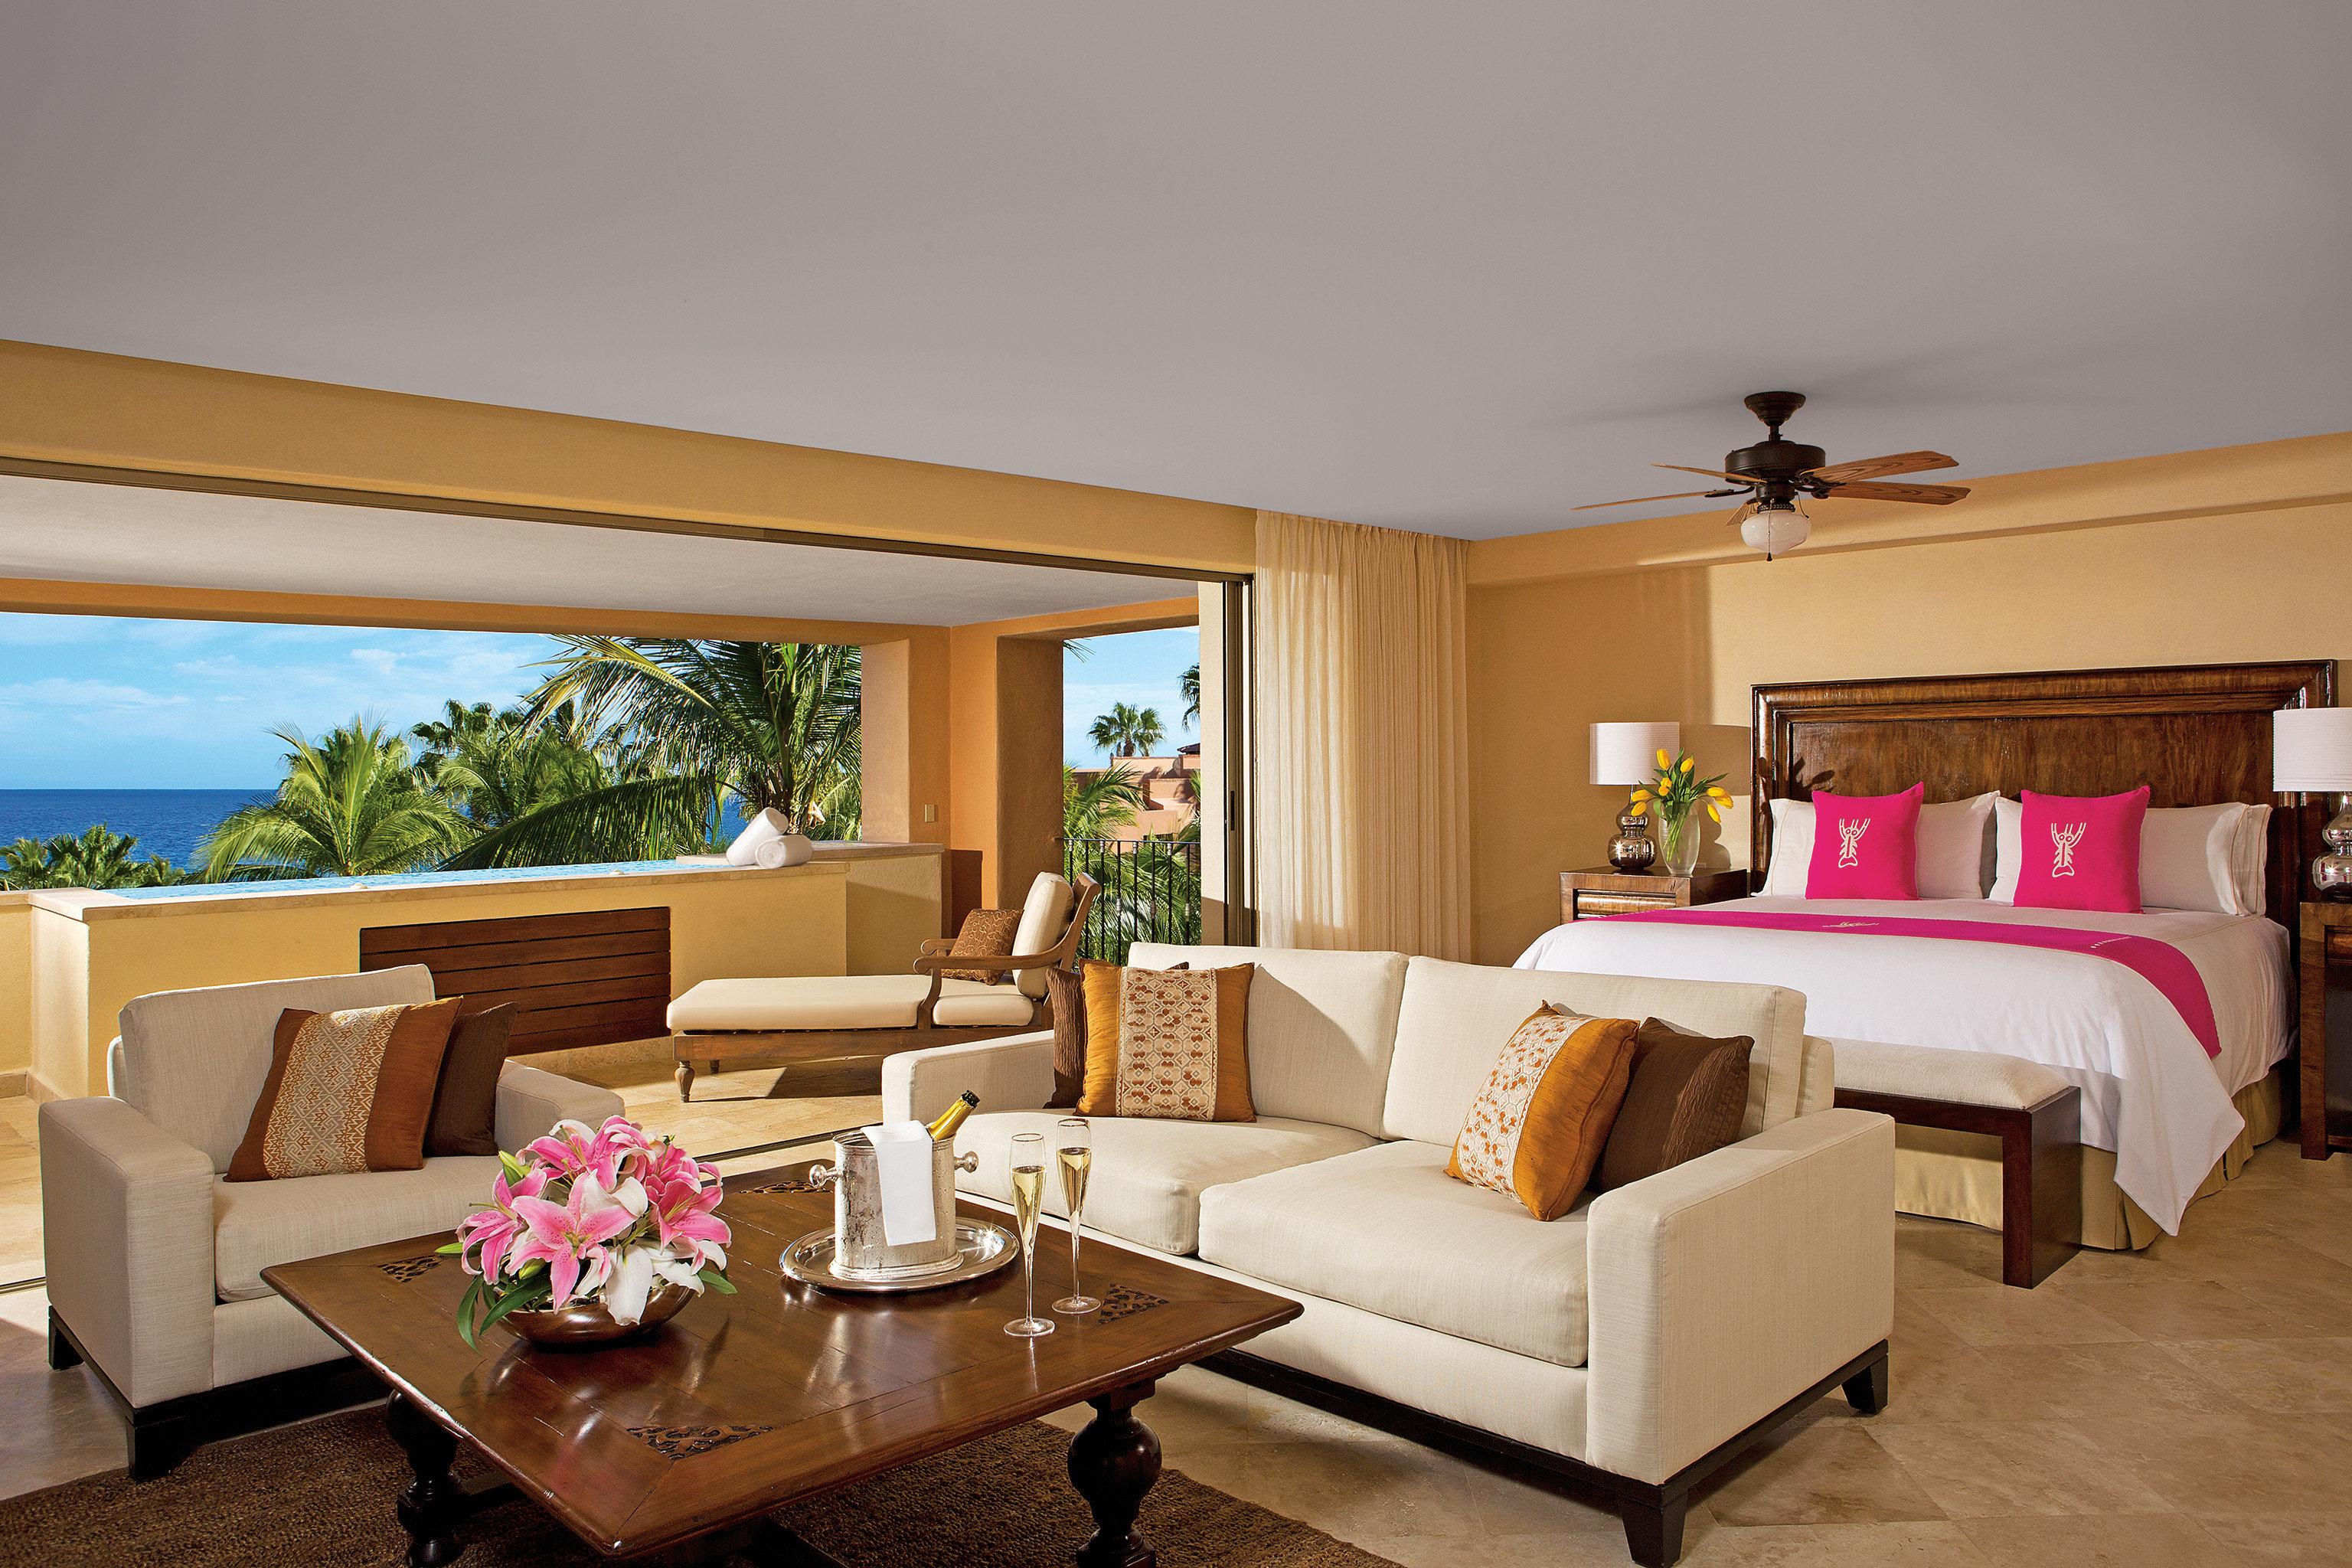 Budget Elegant Hip Hotels Lounge Luxury property living room home Villa Suite cottage